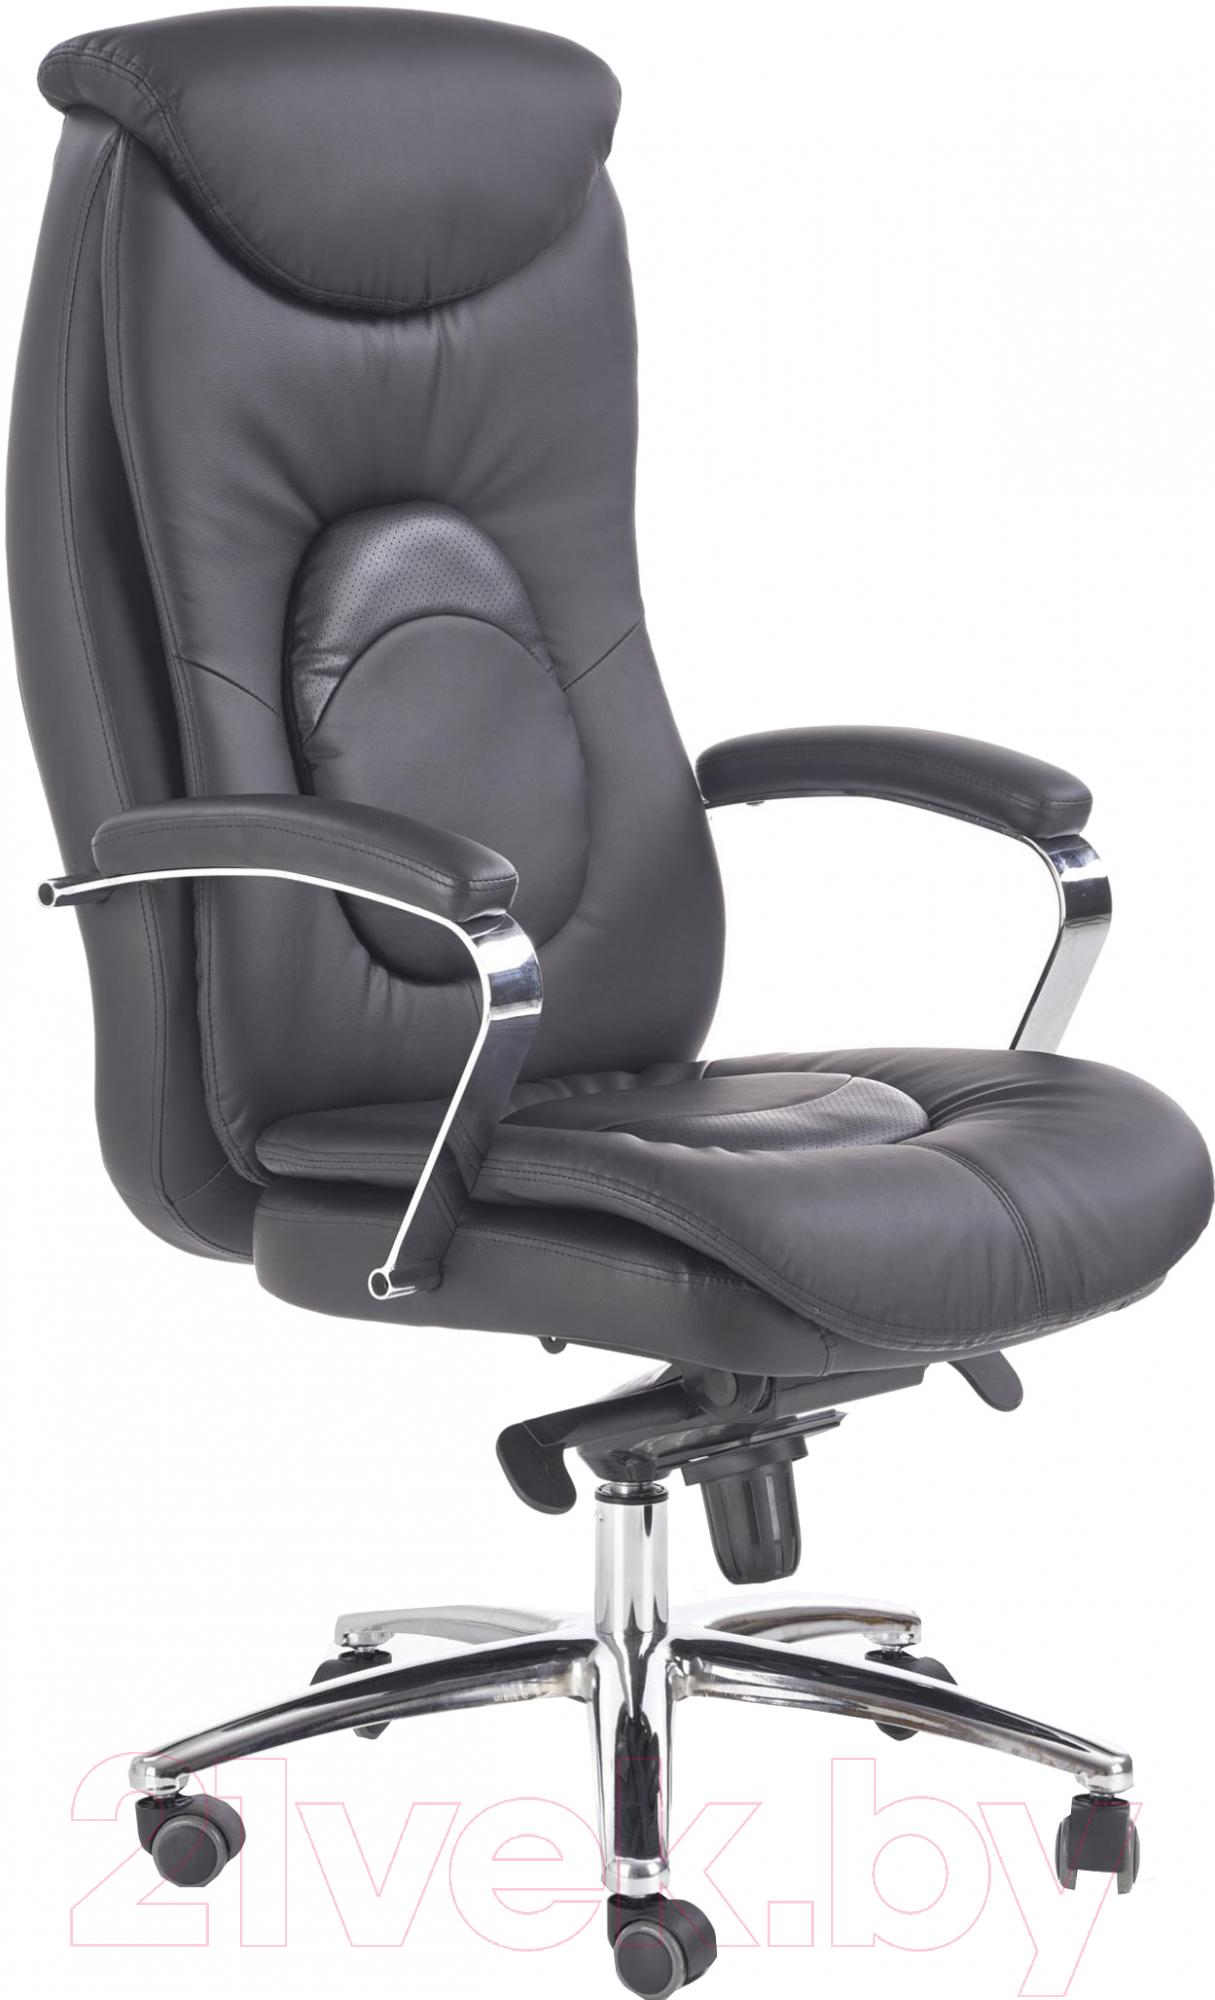 Купить Кресло офисное Halmar, Quad (черный), Китай, Quad (Halmar)